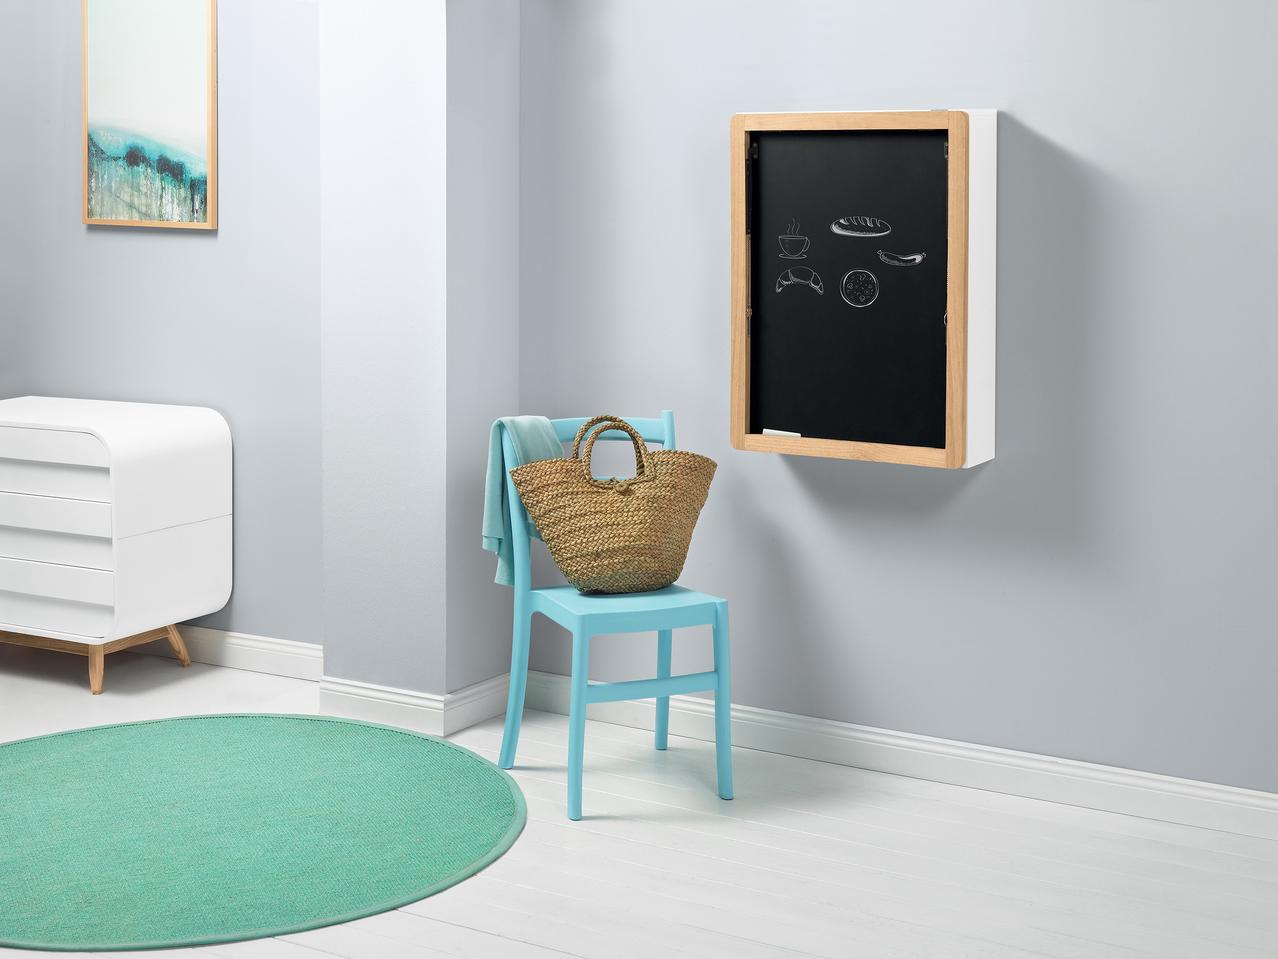 Et Table Étagère Murale – Rabattable Tableau Avec 8nwPk0OX